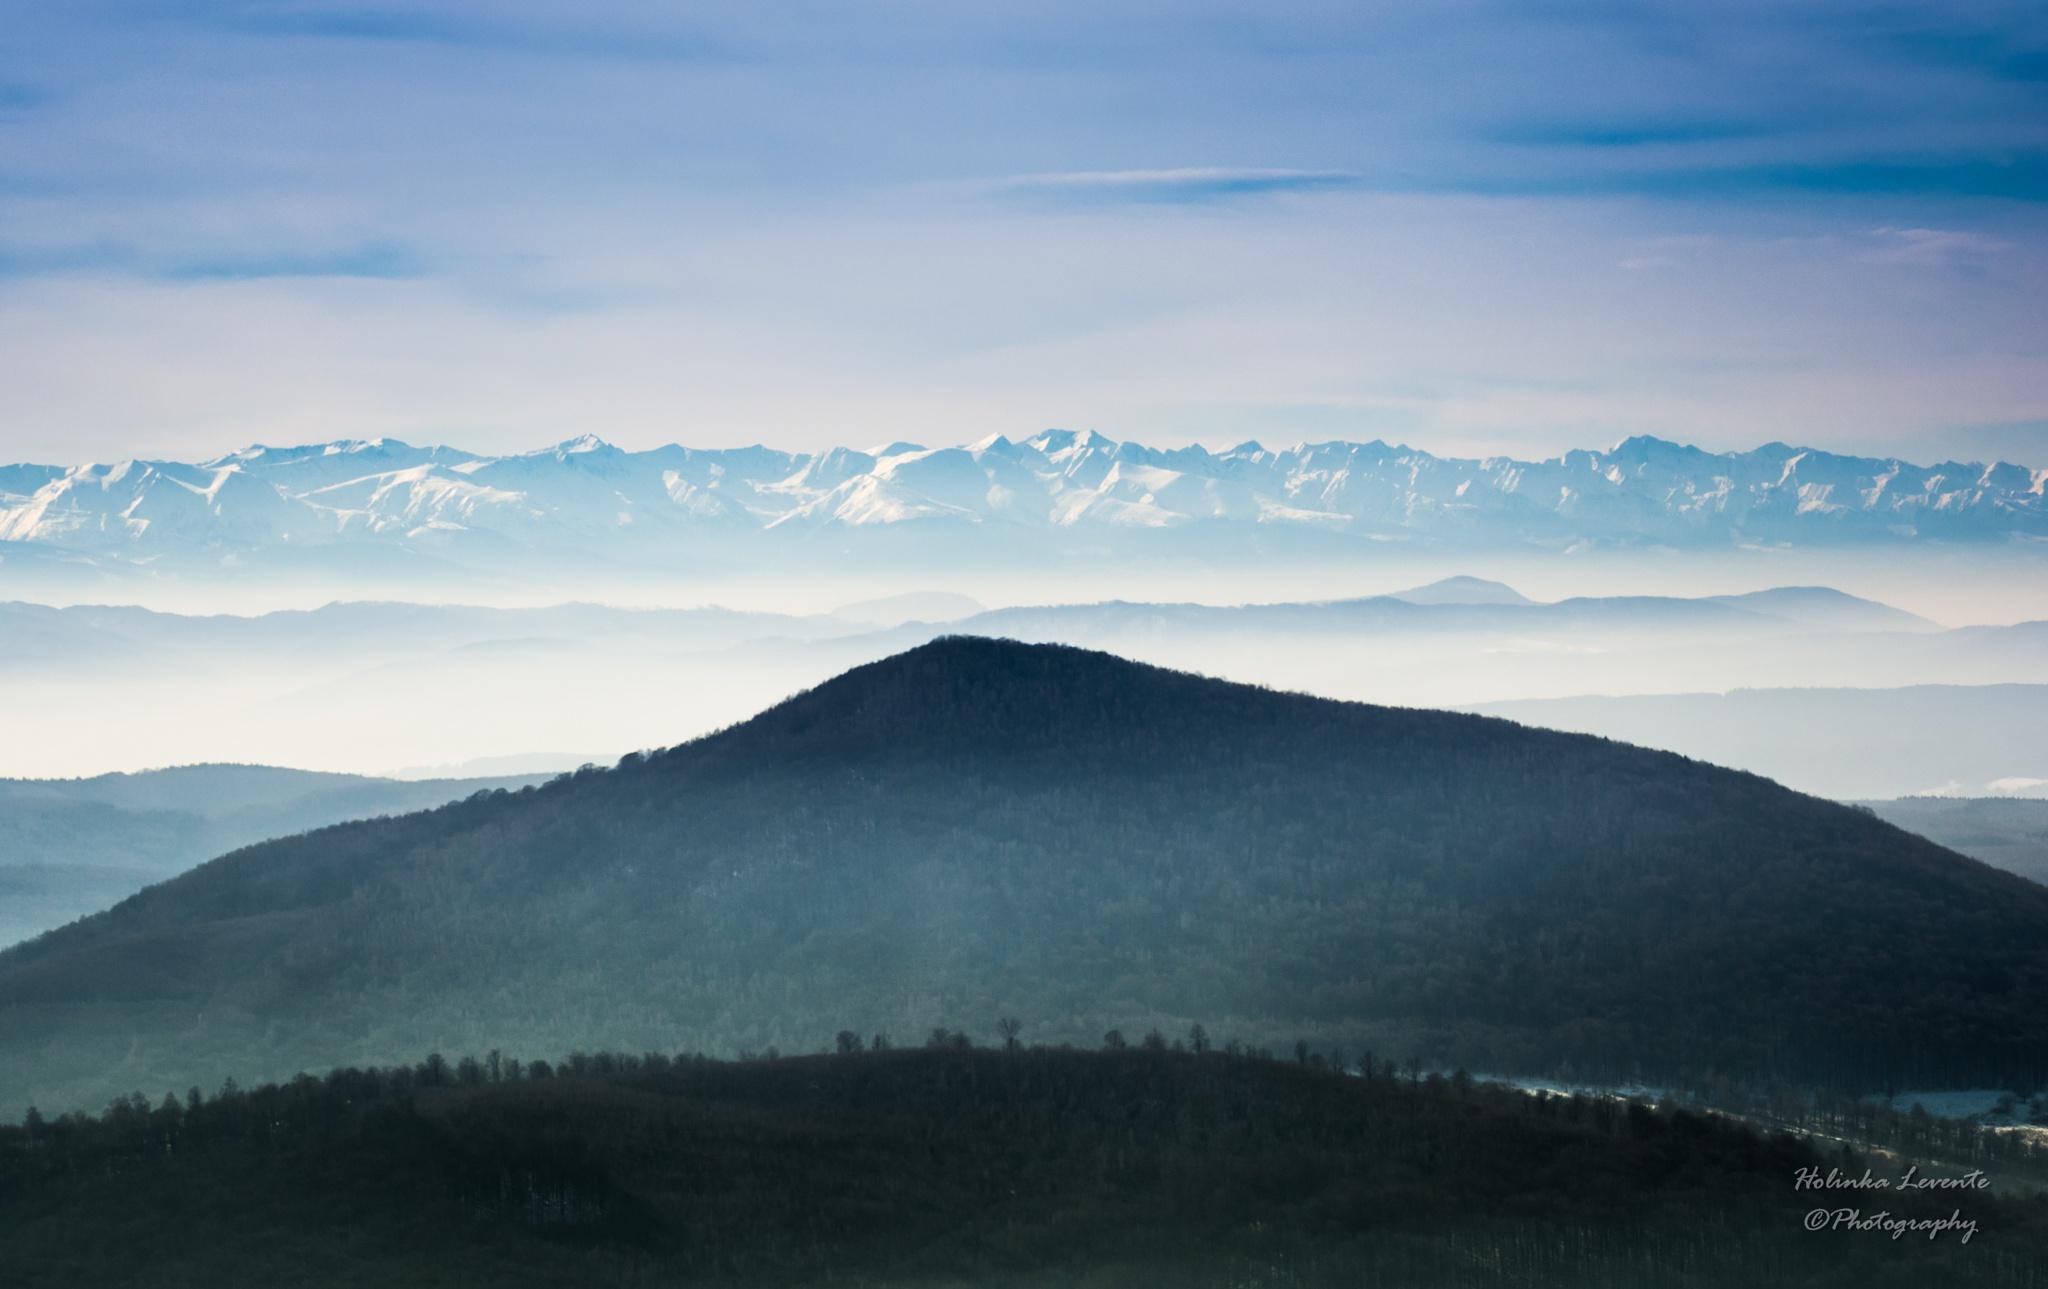 Far, far away... by Holinka Levente